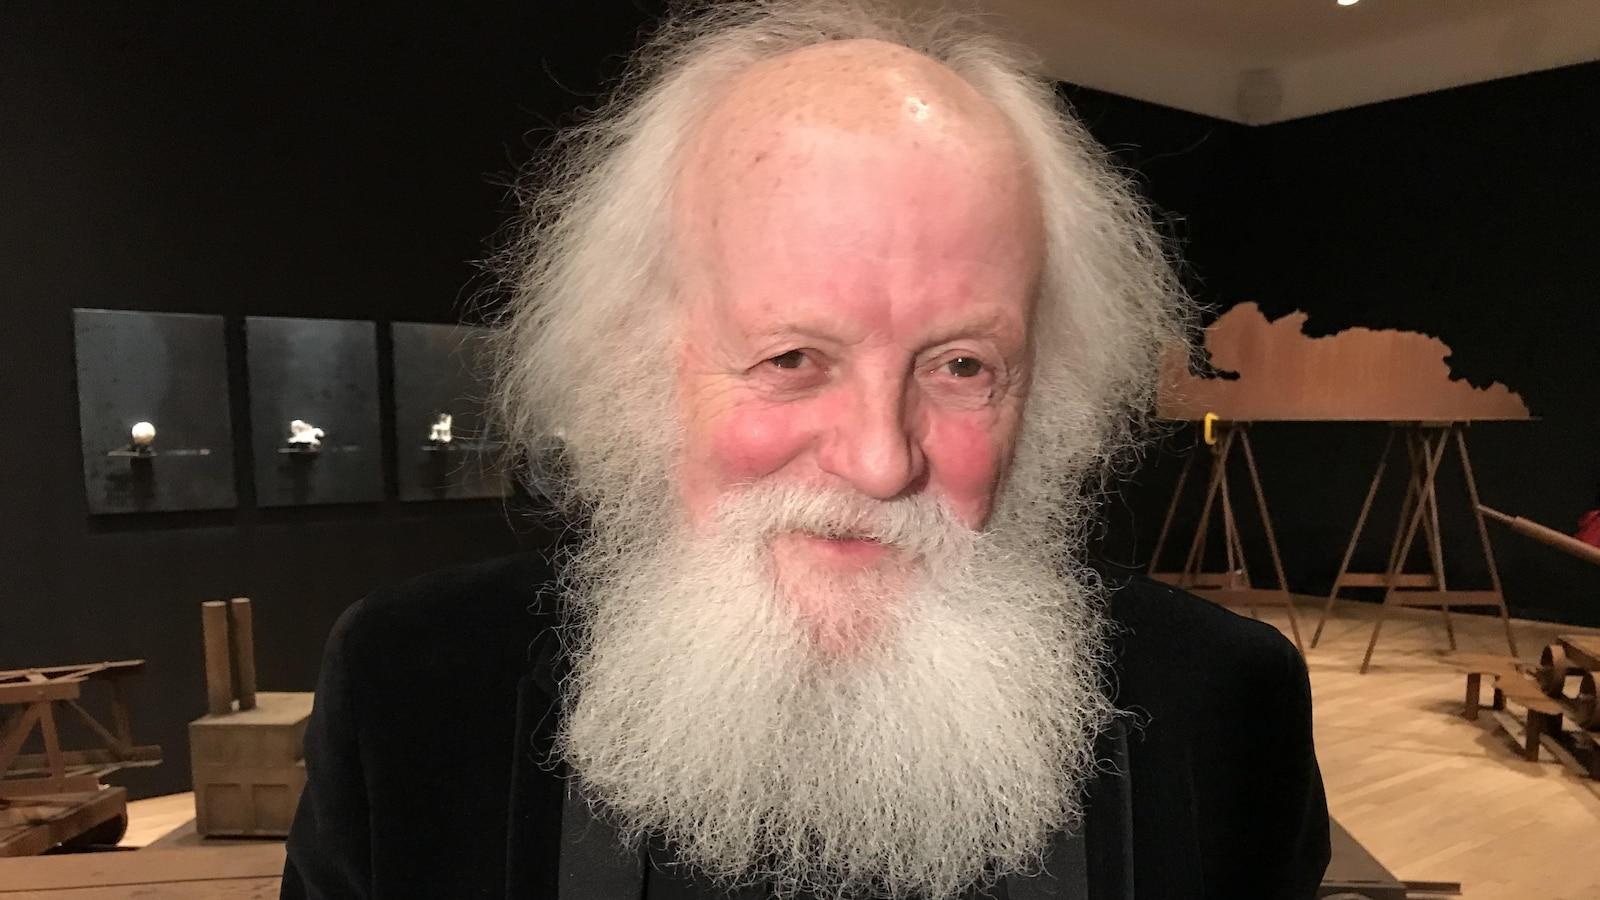 Pierre Leblanc, sourie à la caméra